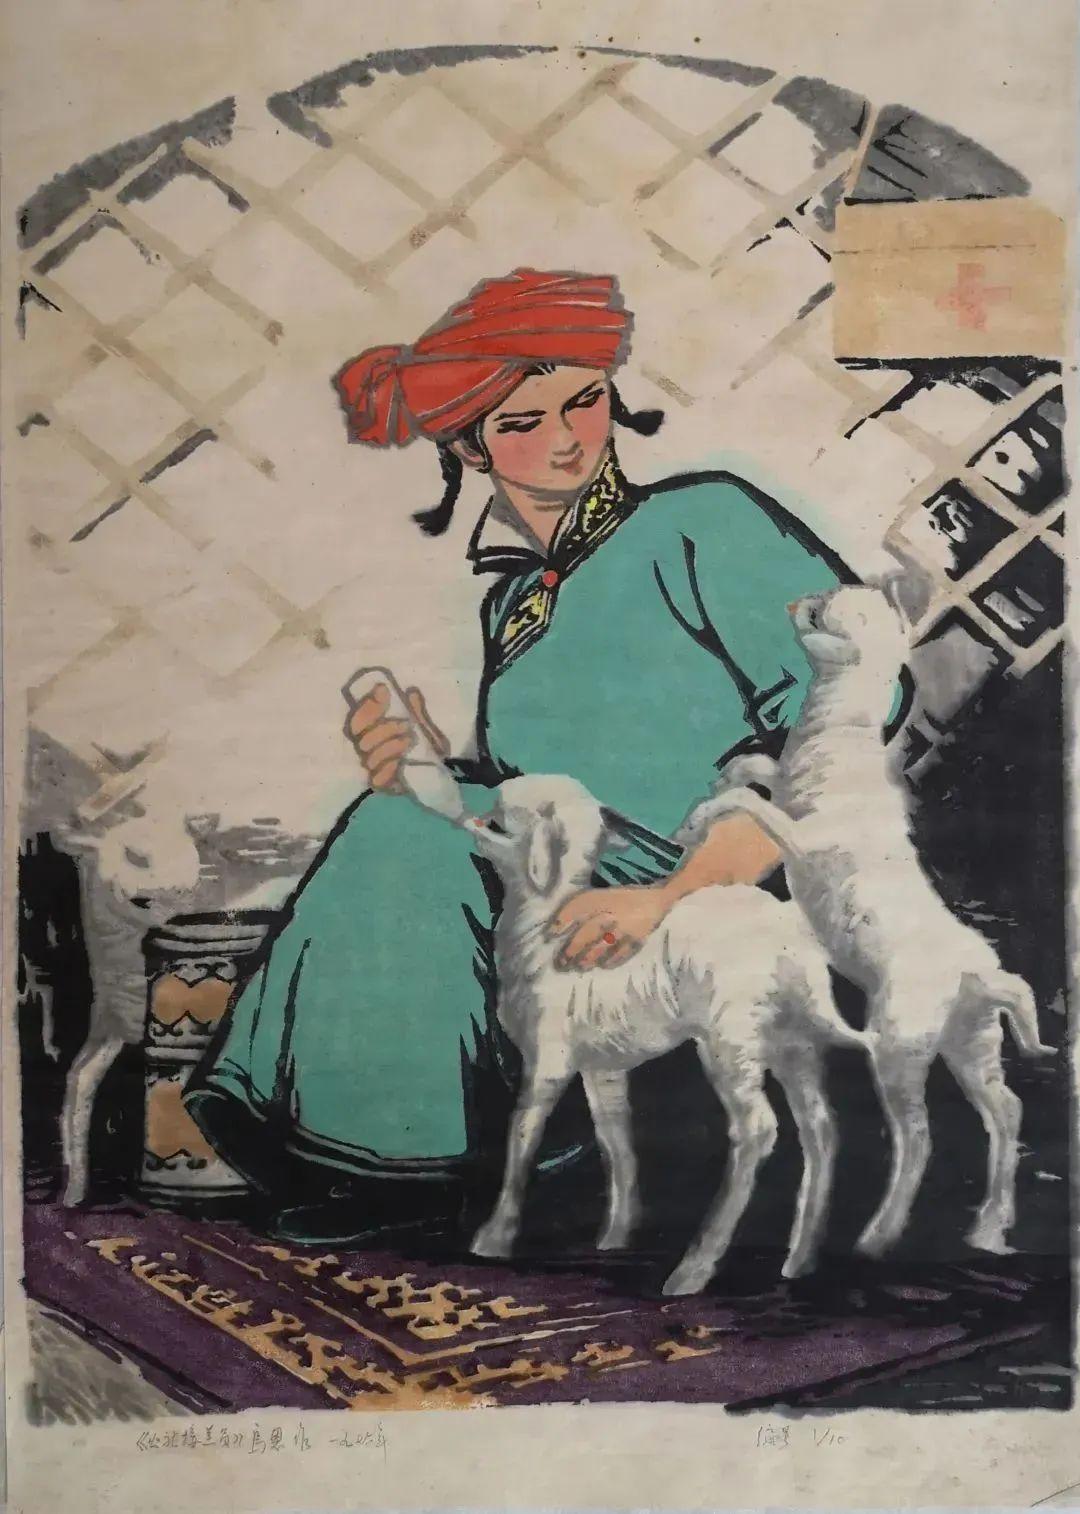 内蒙古现代美术的拓荒者乌恩 第9张